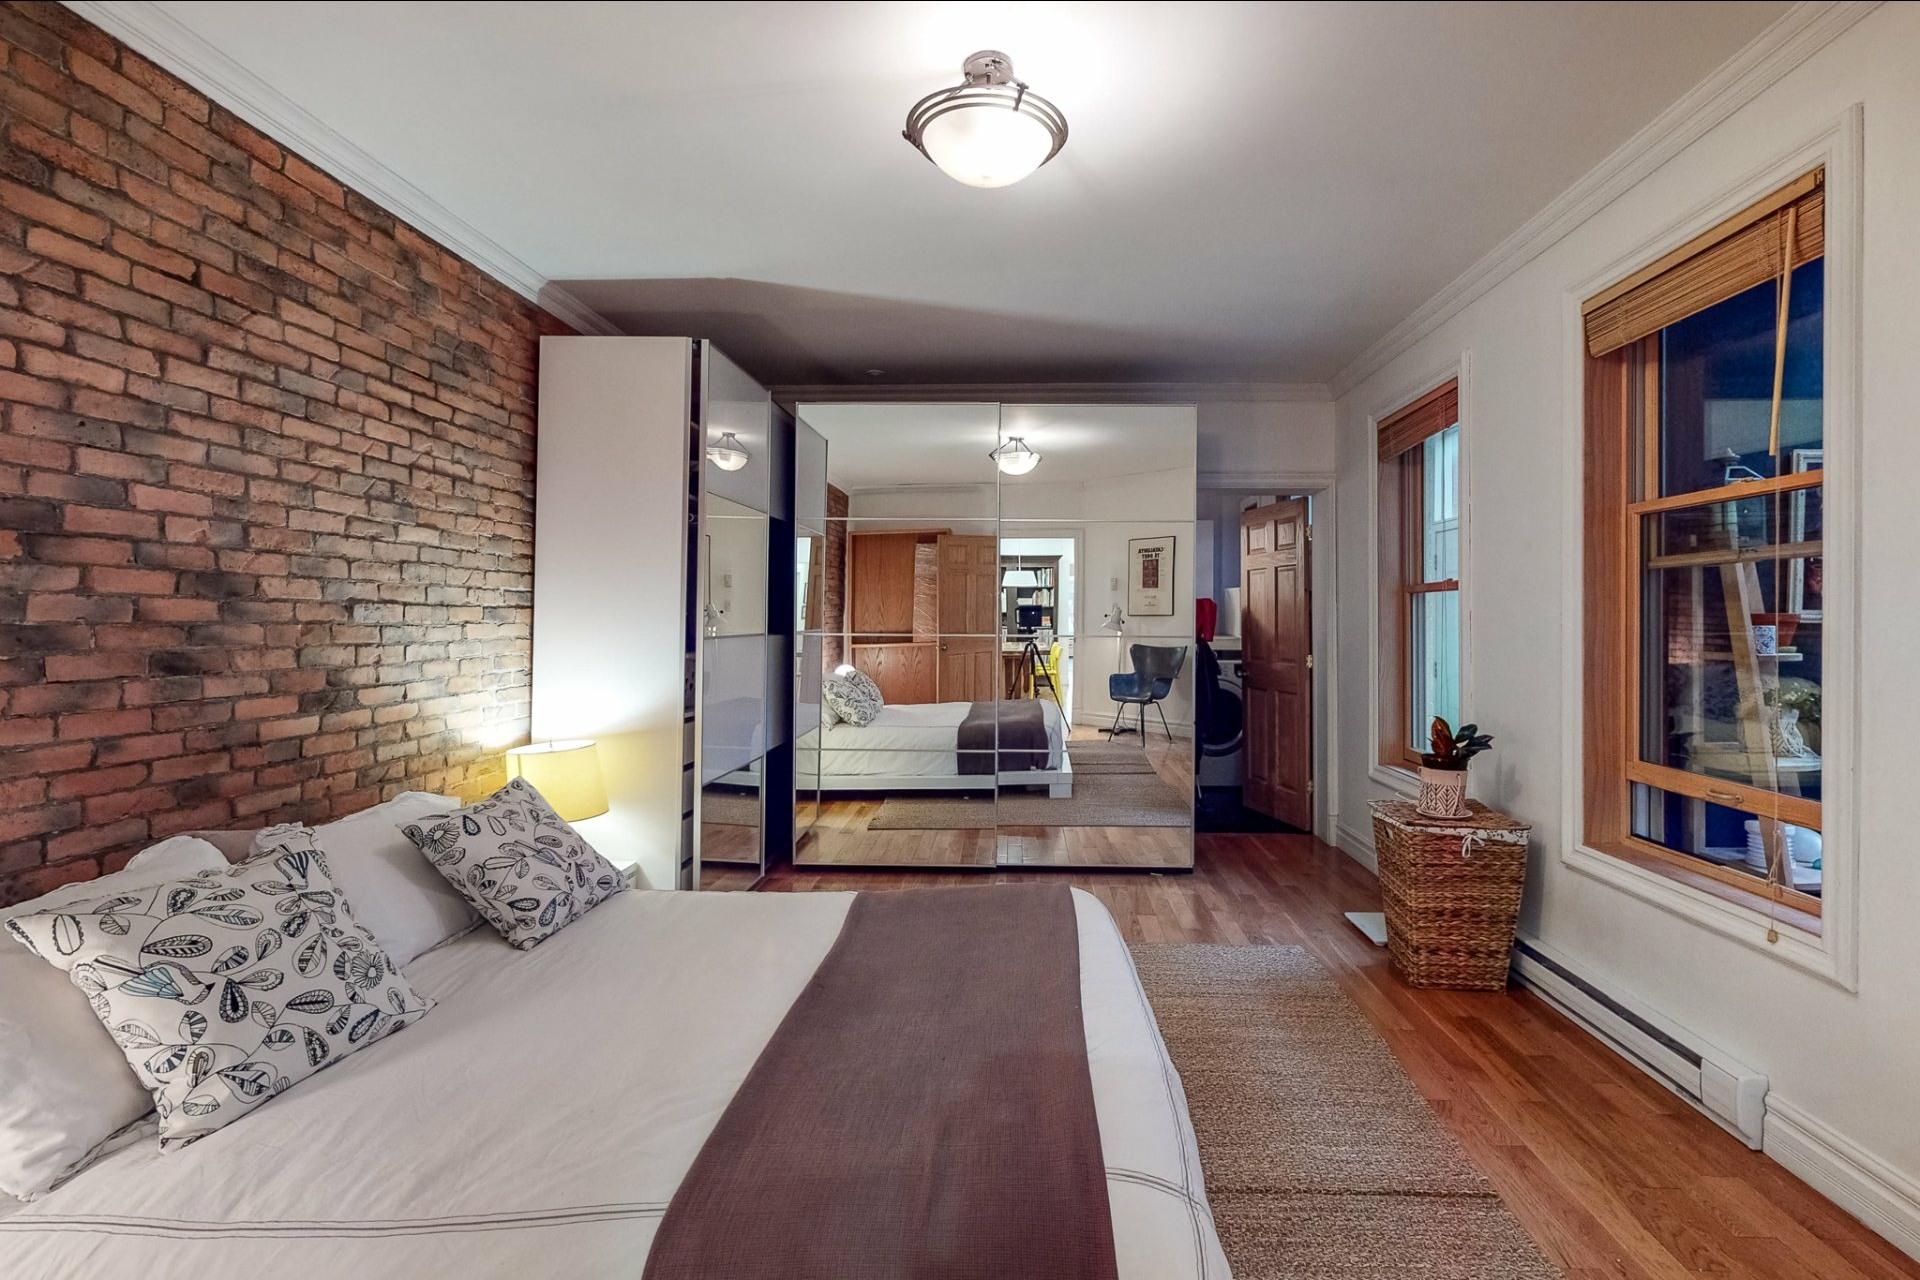 image 10 - Appartement À vendre Le Plateau-Mont-Royal Montréal  - 12 pièces